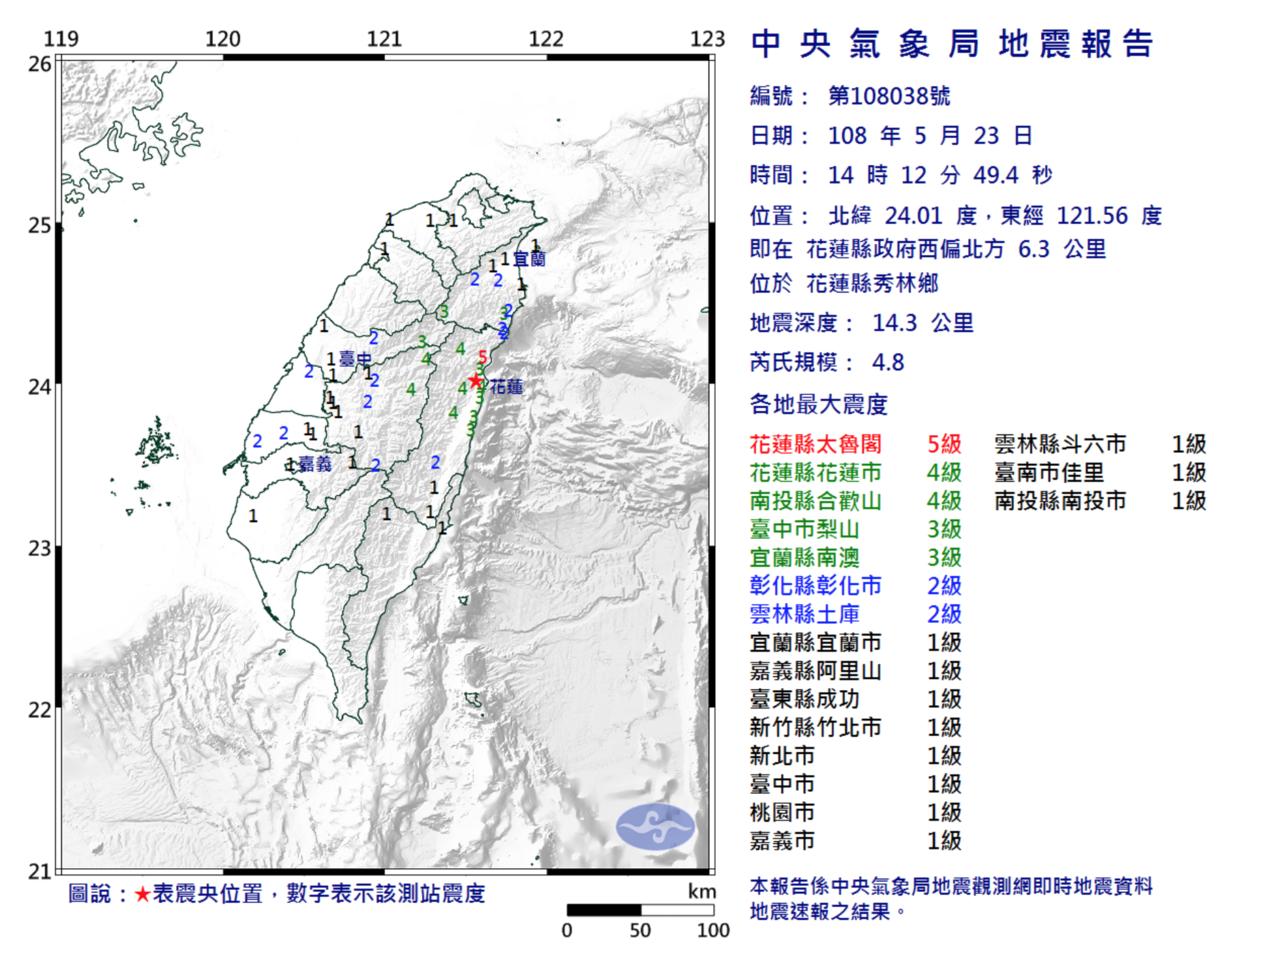 台灣花蓮下午2時12分,發生4.8級有感地震。中央氣象局